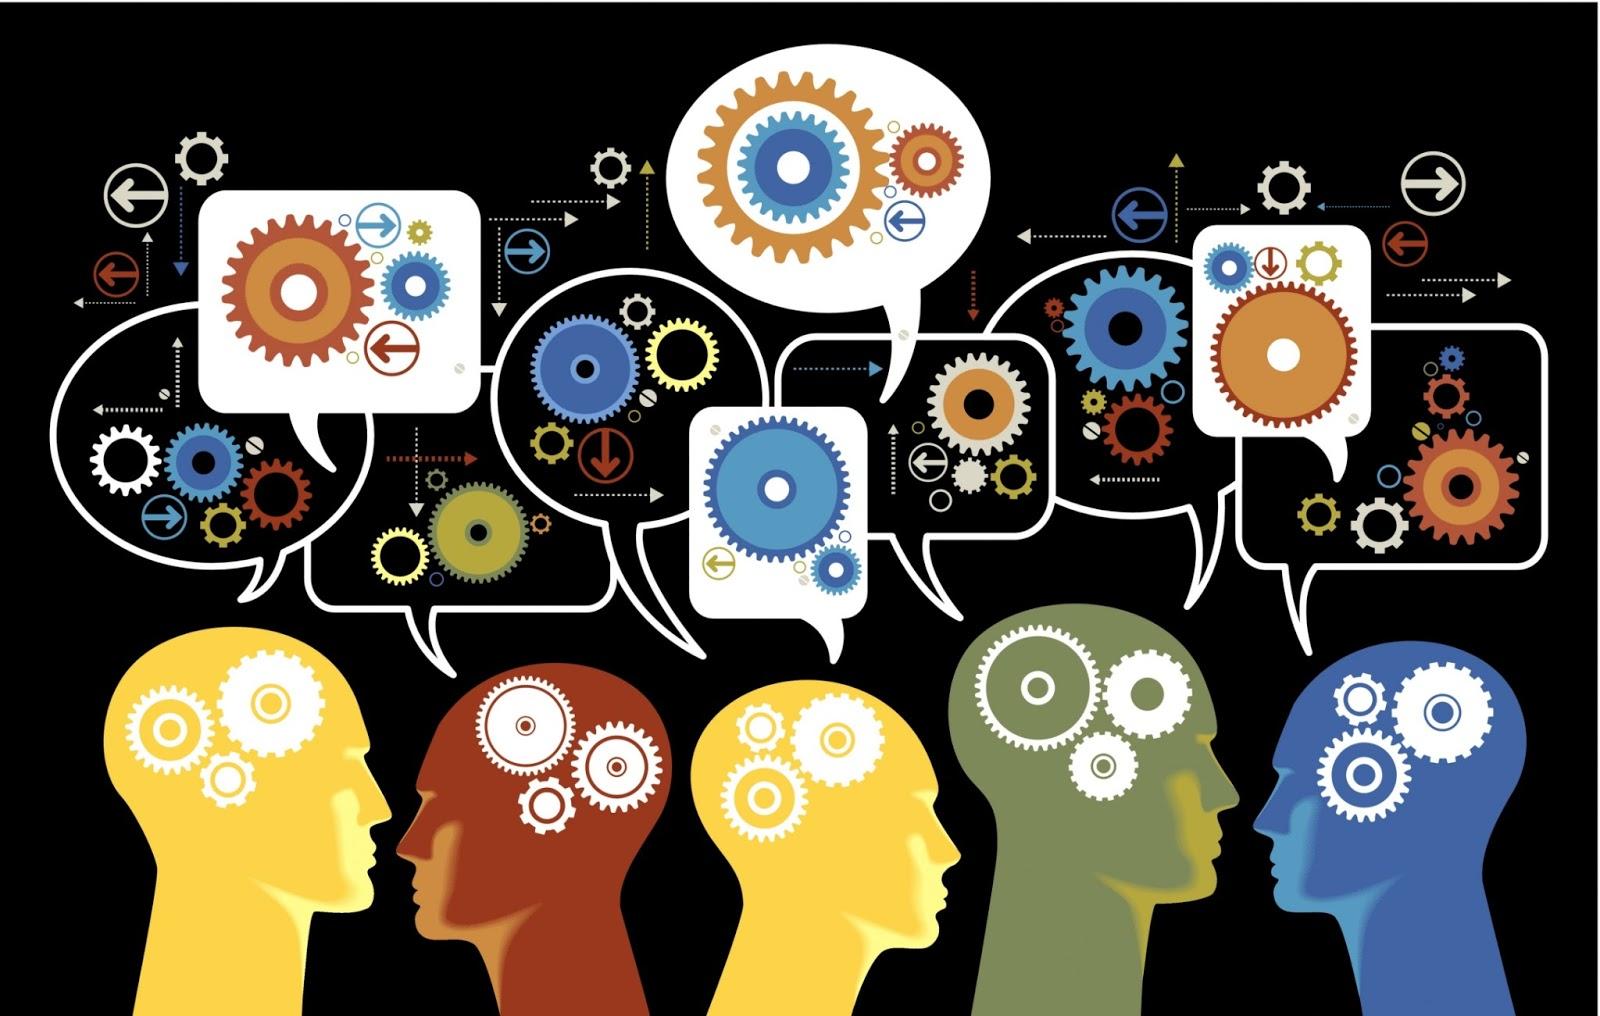 المهارات الشخصية والاجتماعية